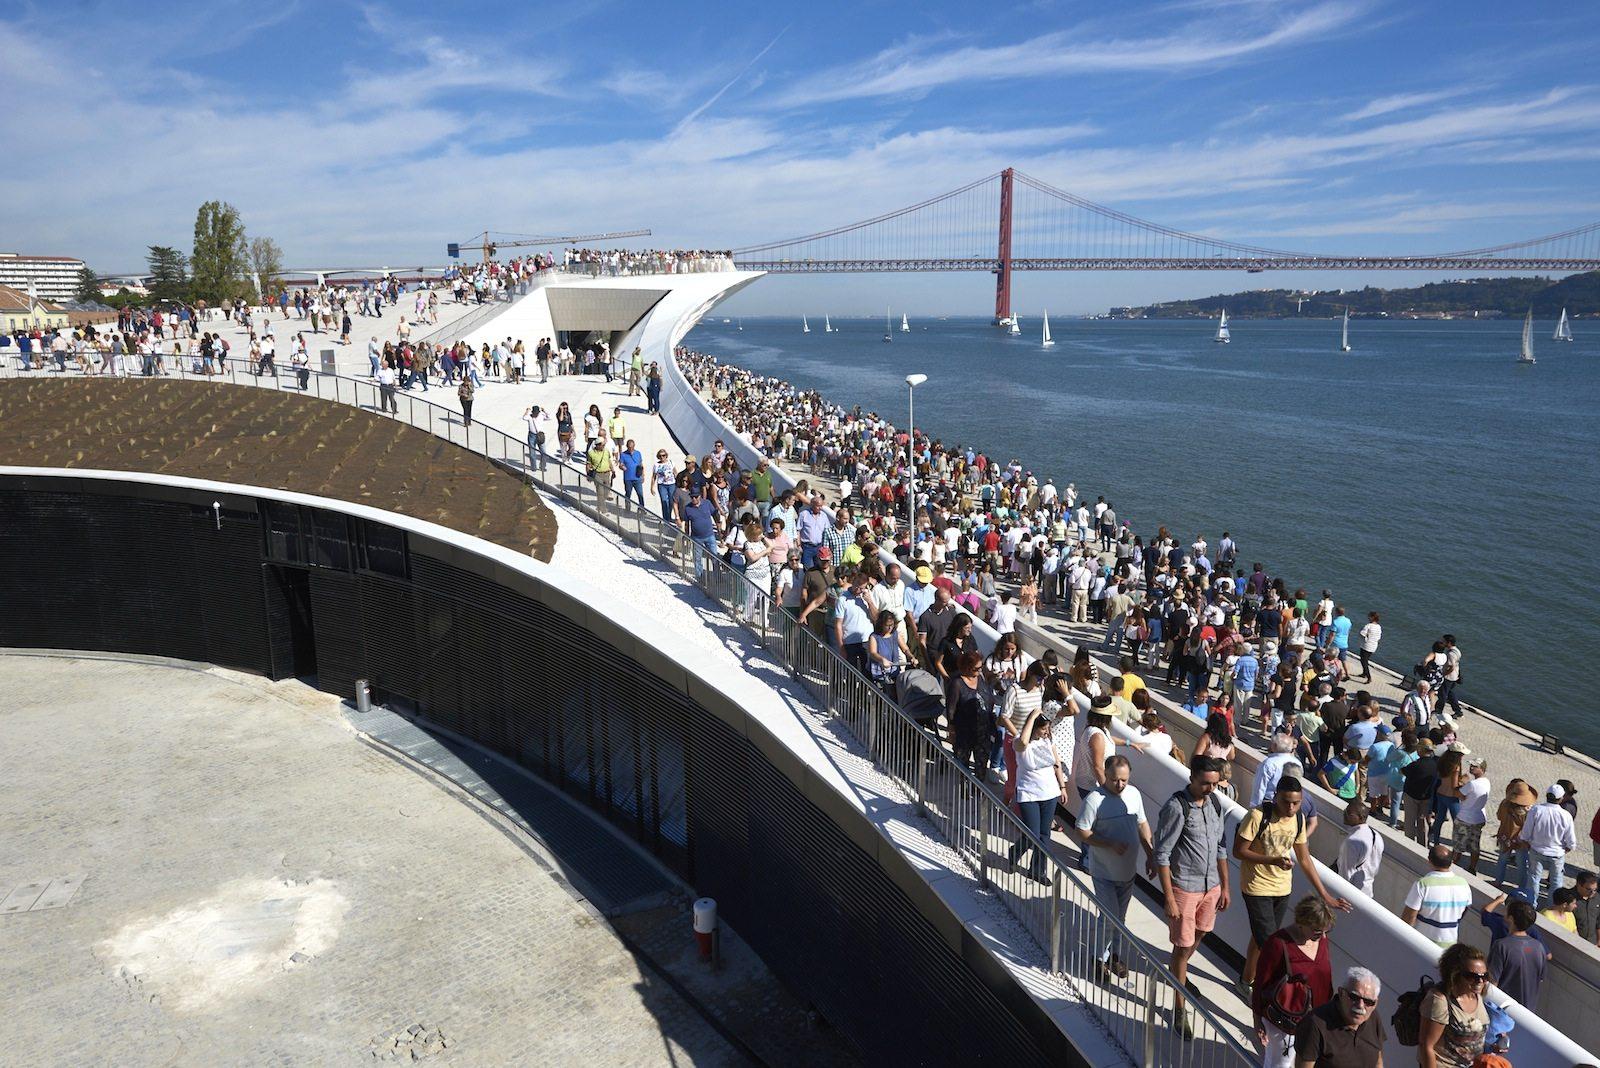 MAAT.  ... ein Museum als öffentlicher Platz mit der fantastischen Stadt-Fluss-Kulisse von Lissabon.